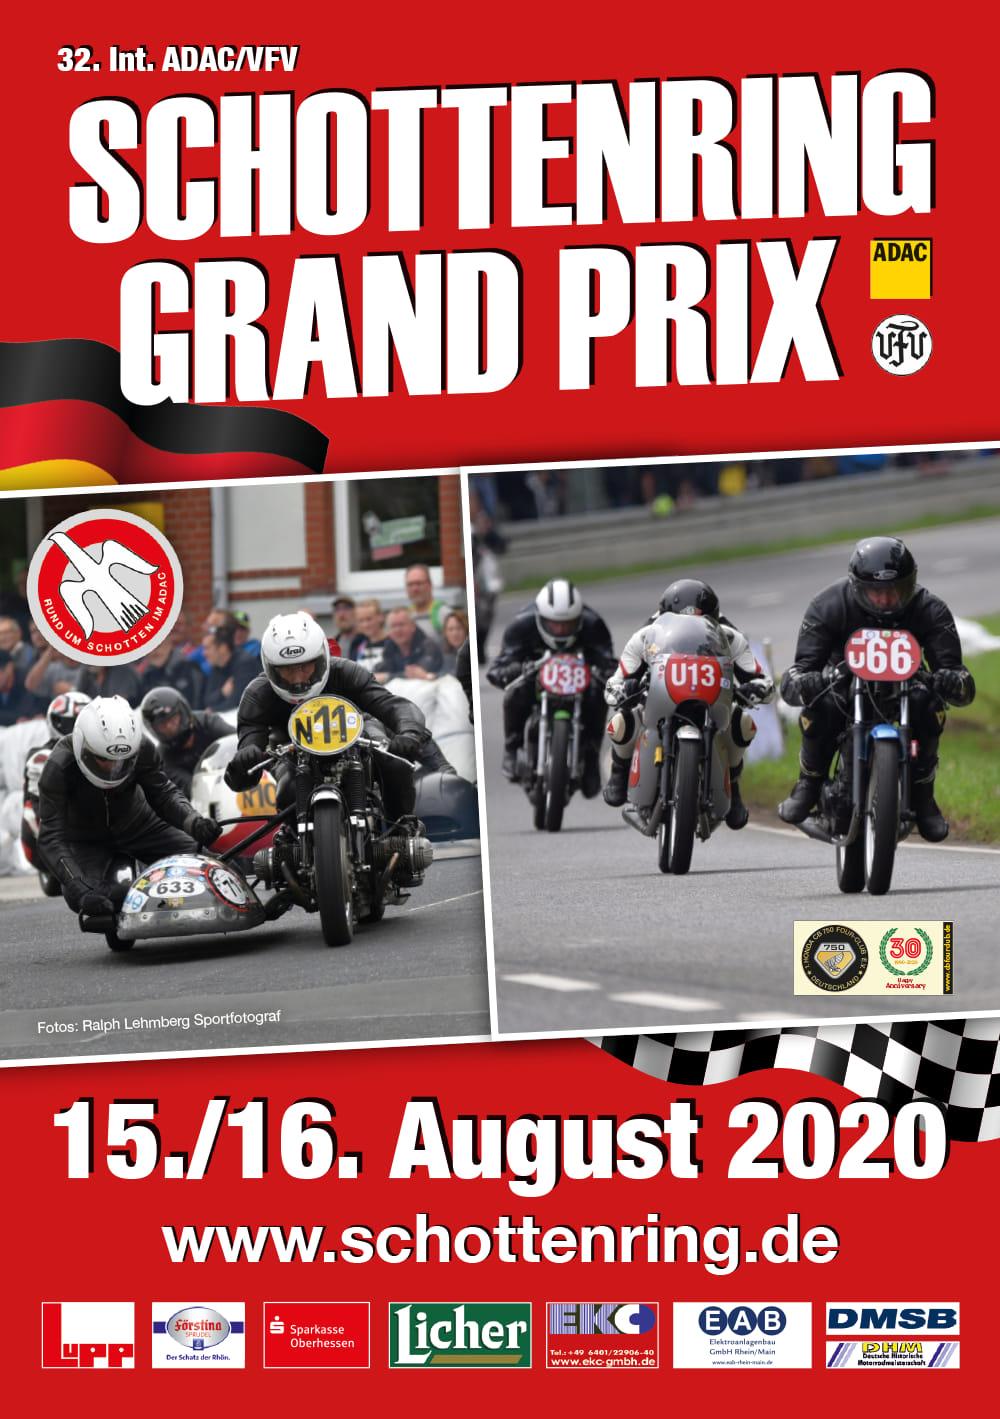 32. Int. ADAC/VFV Schottenring Classic GRAND-PRIX